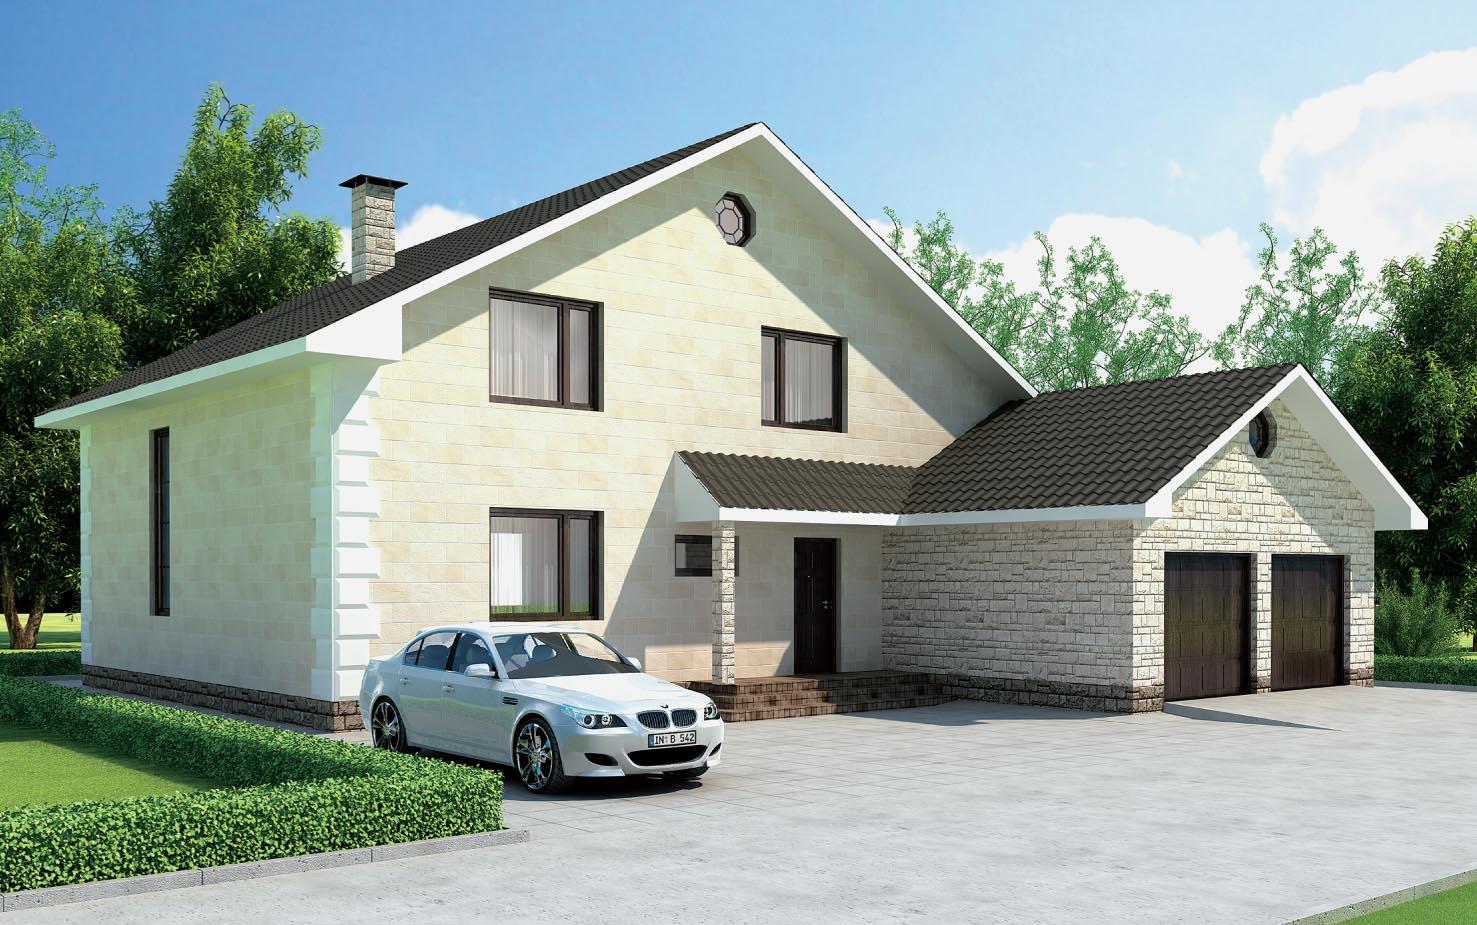 Типичная планировка дома на участке обязательно включает в себя гараж